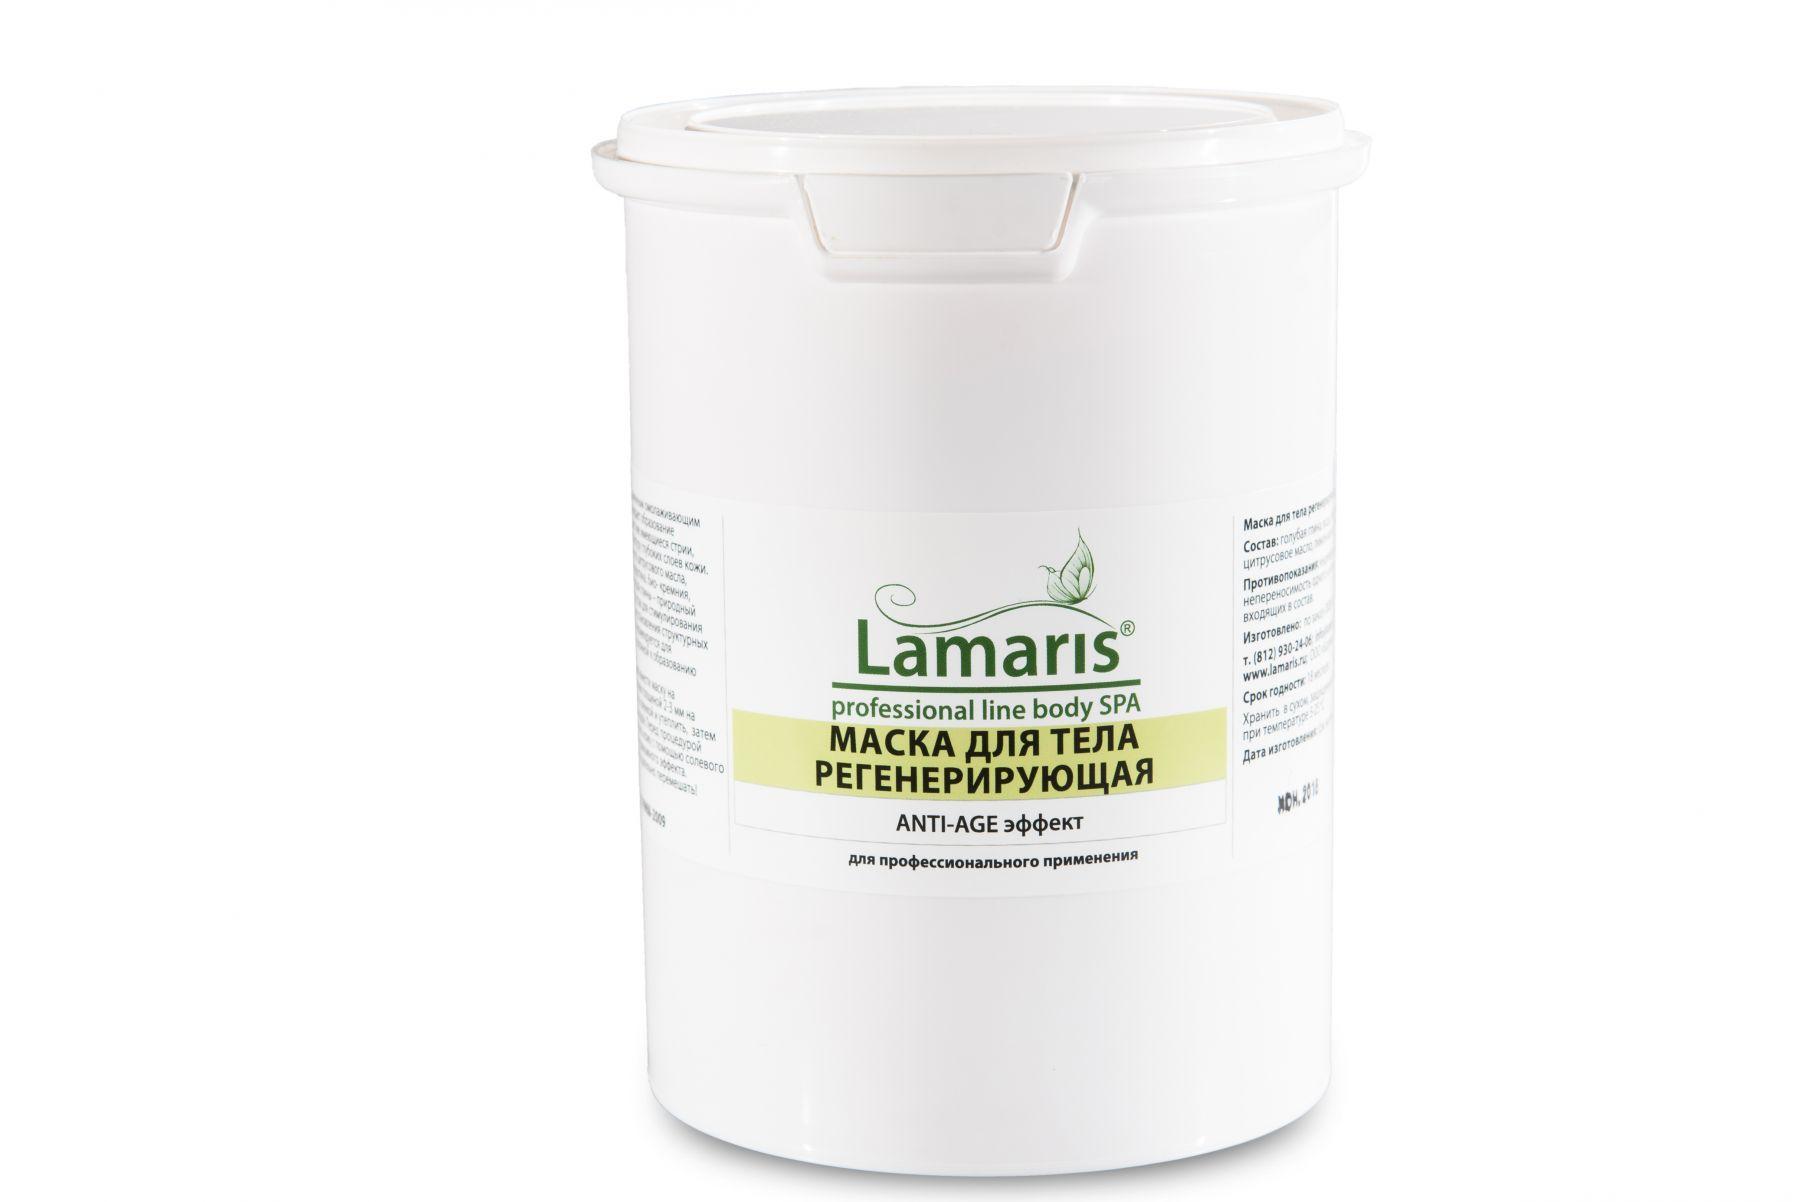 Регенерирующая маска для тела Lamaris - 1,5 кг